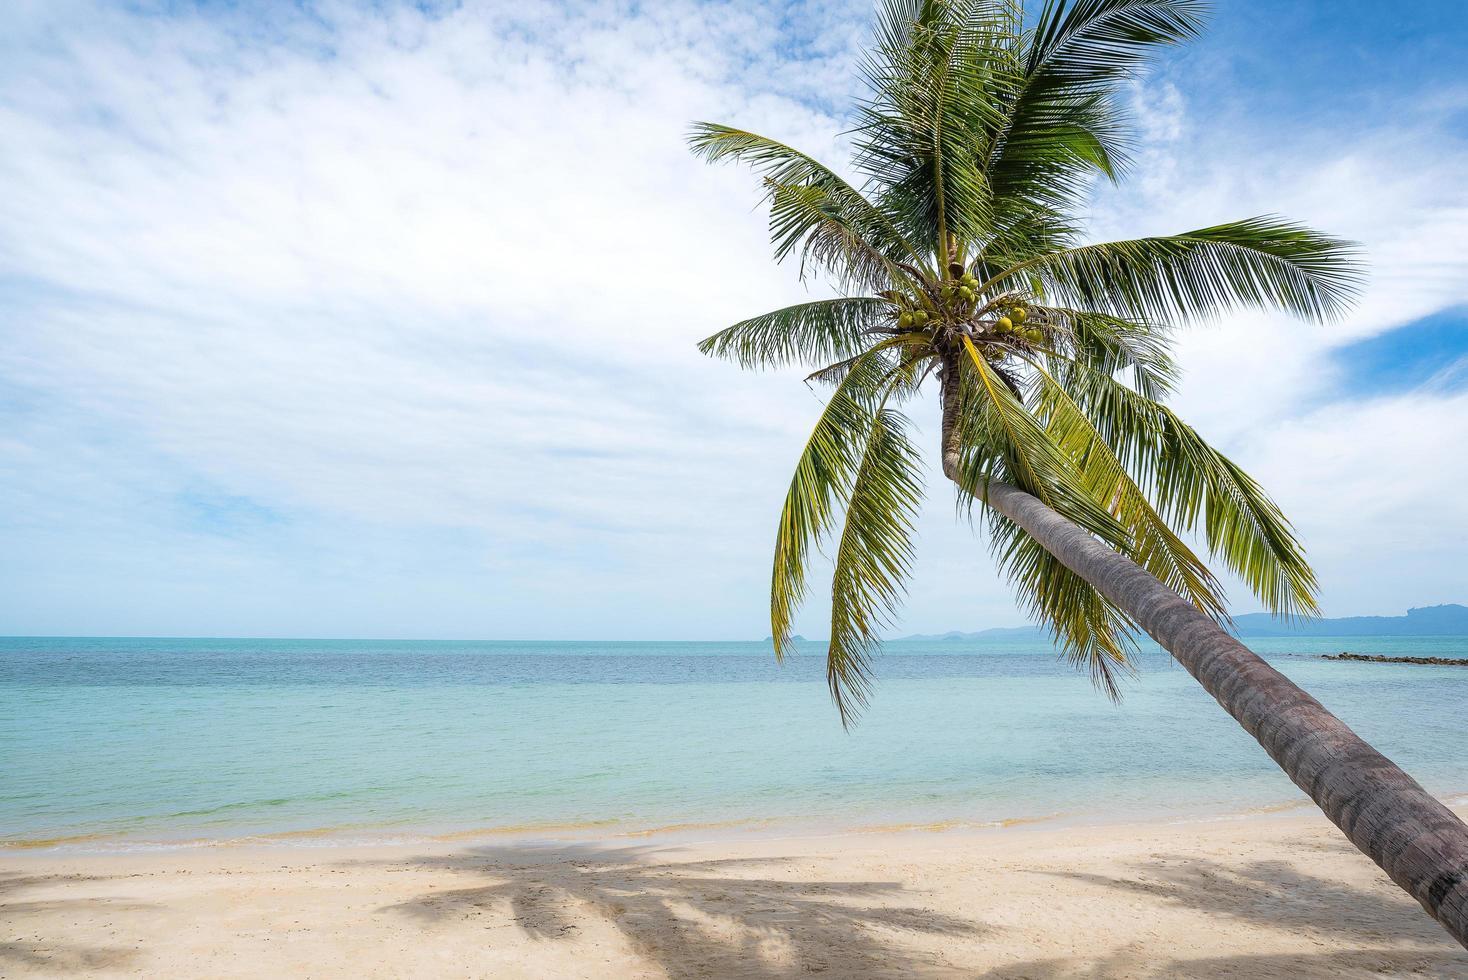 palmboom op tropisch strand foto